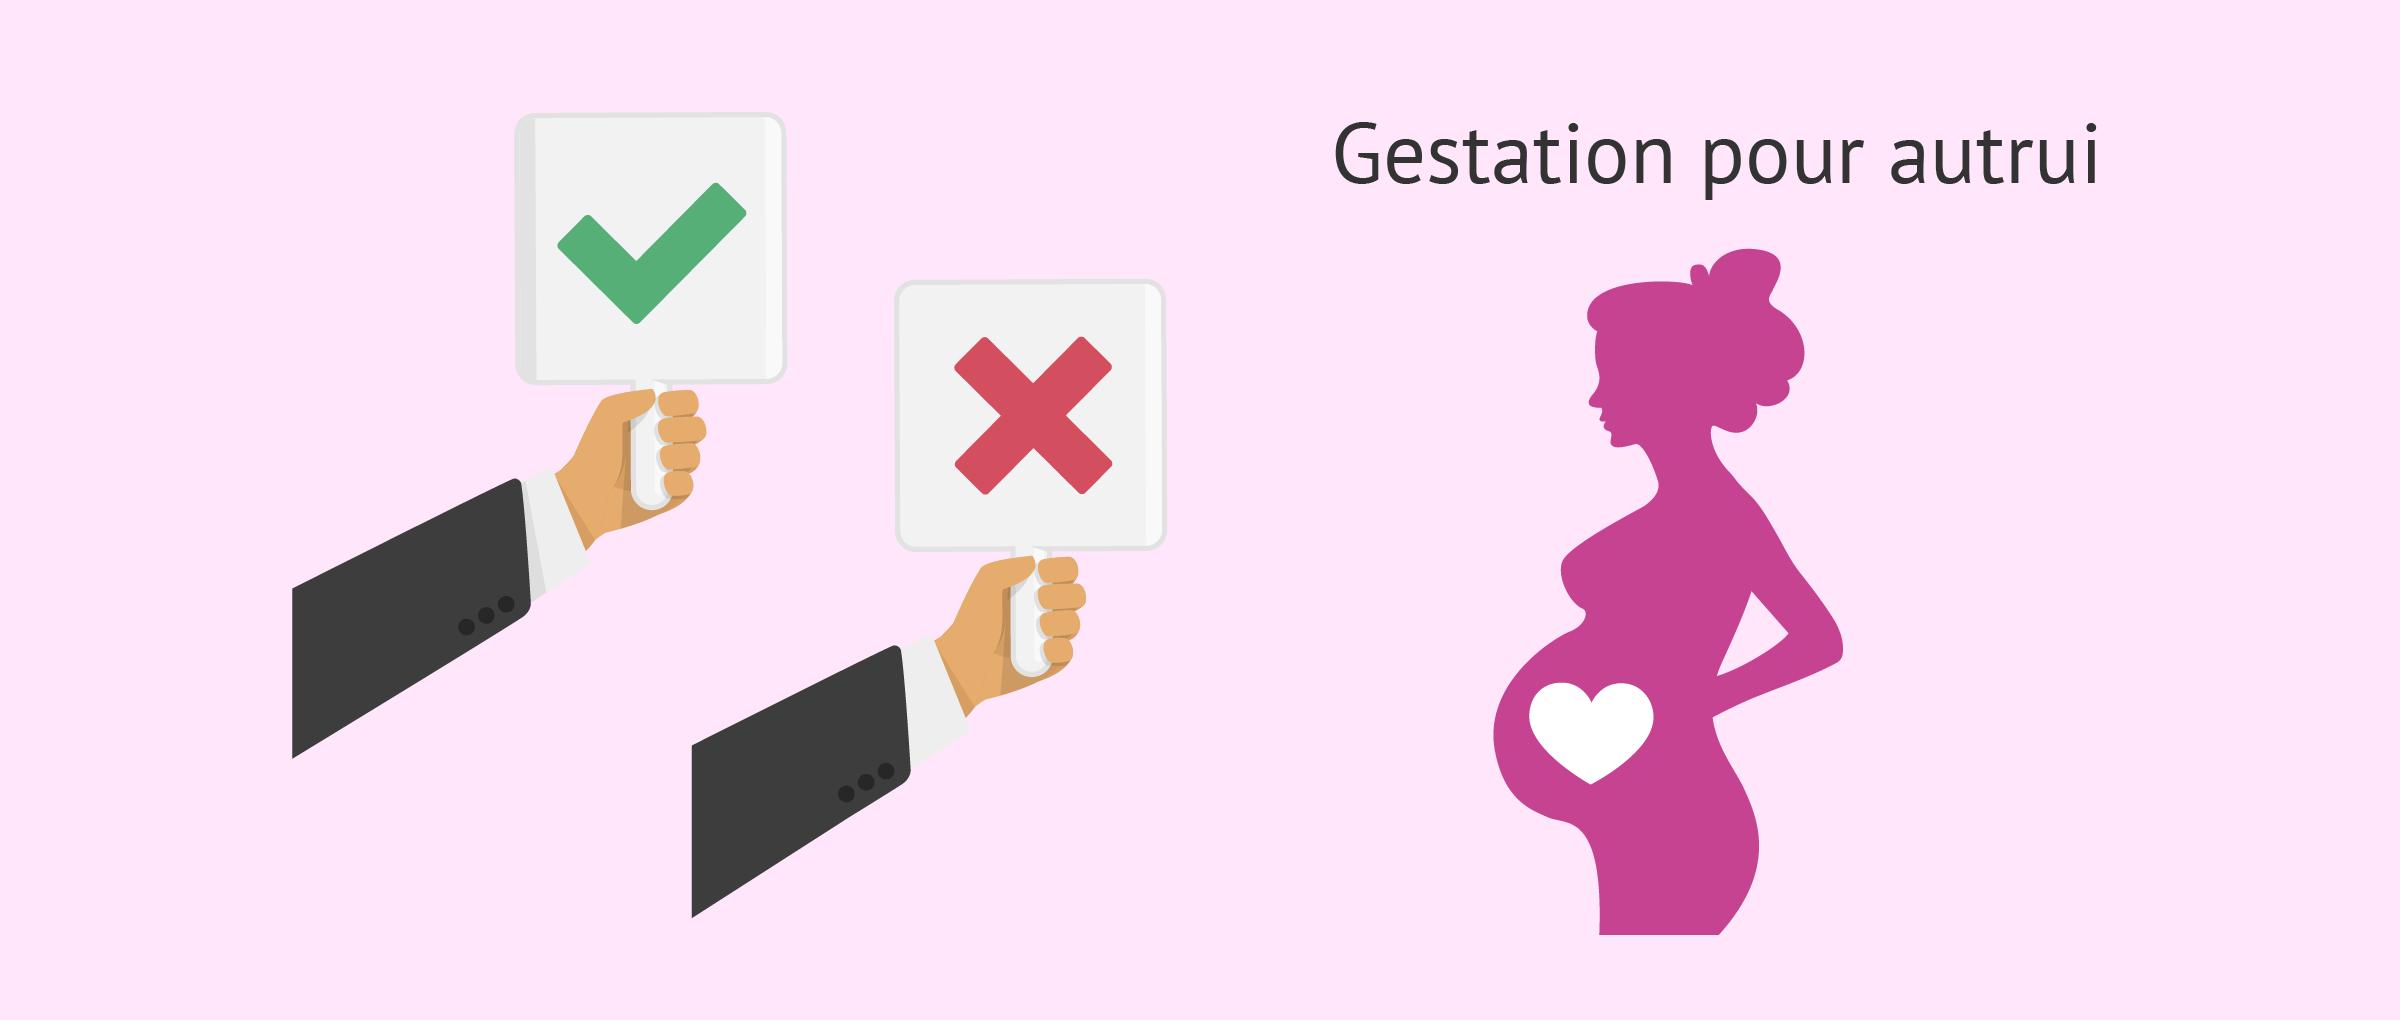 Arguments pour et contre la gestation pour autrui